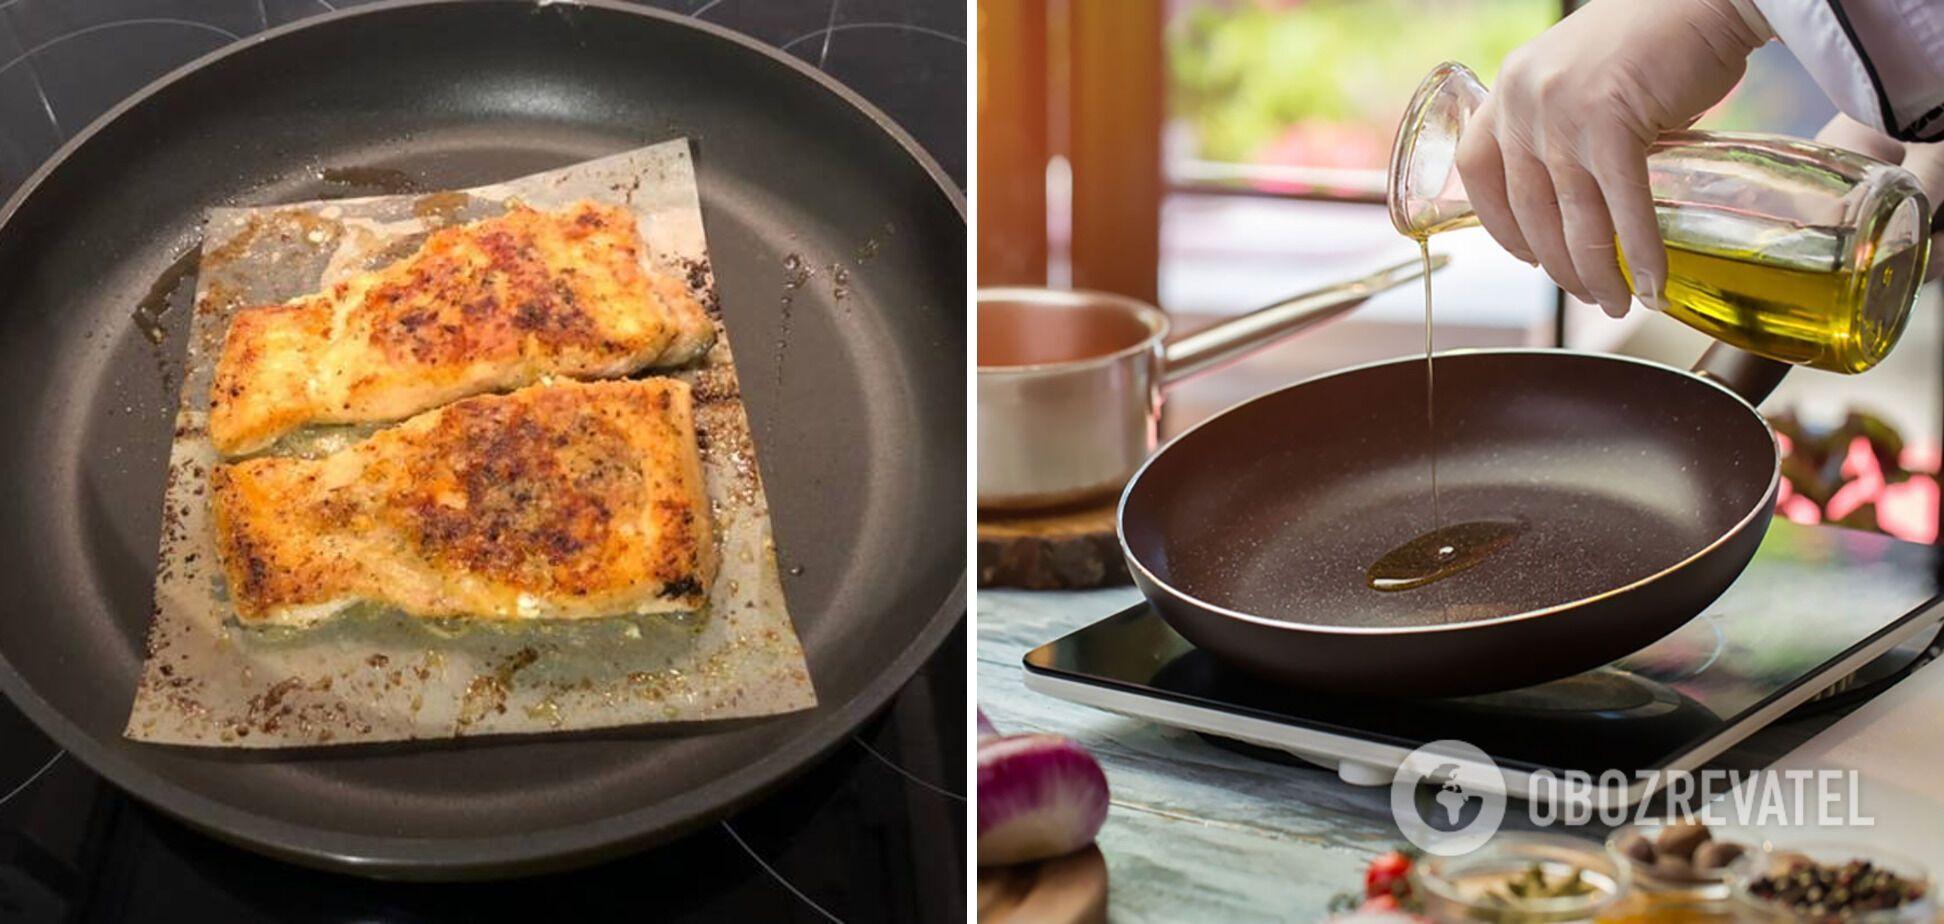 Избежать пригорания пищи поможет пергамент и масло